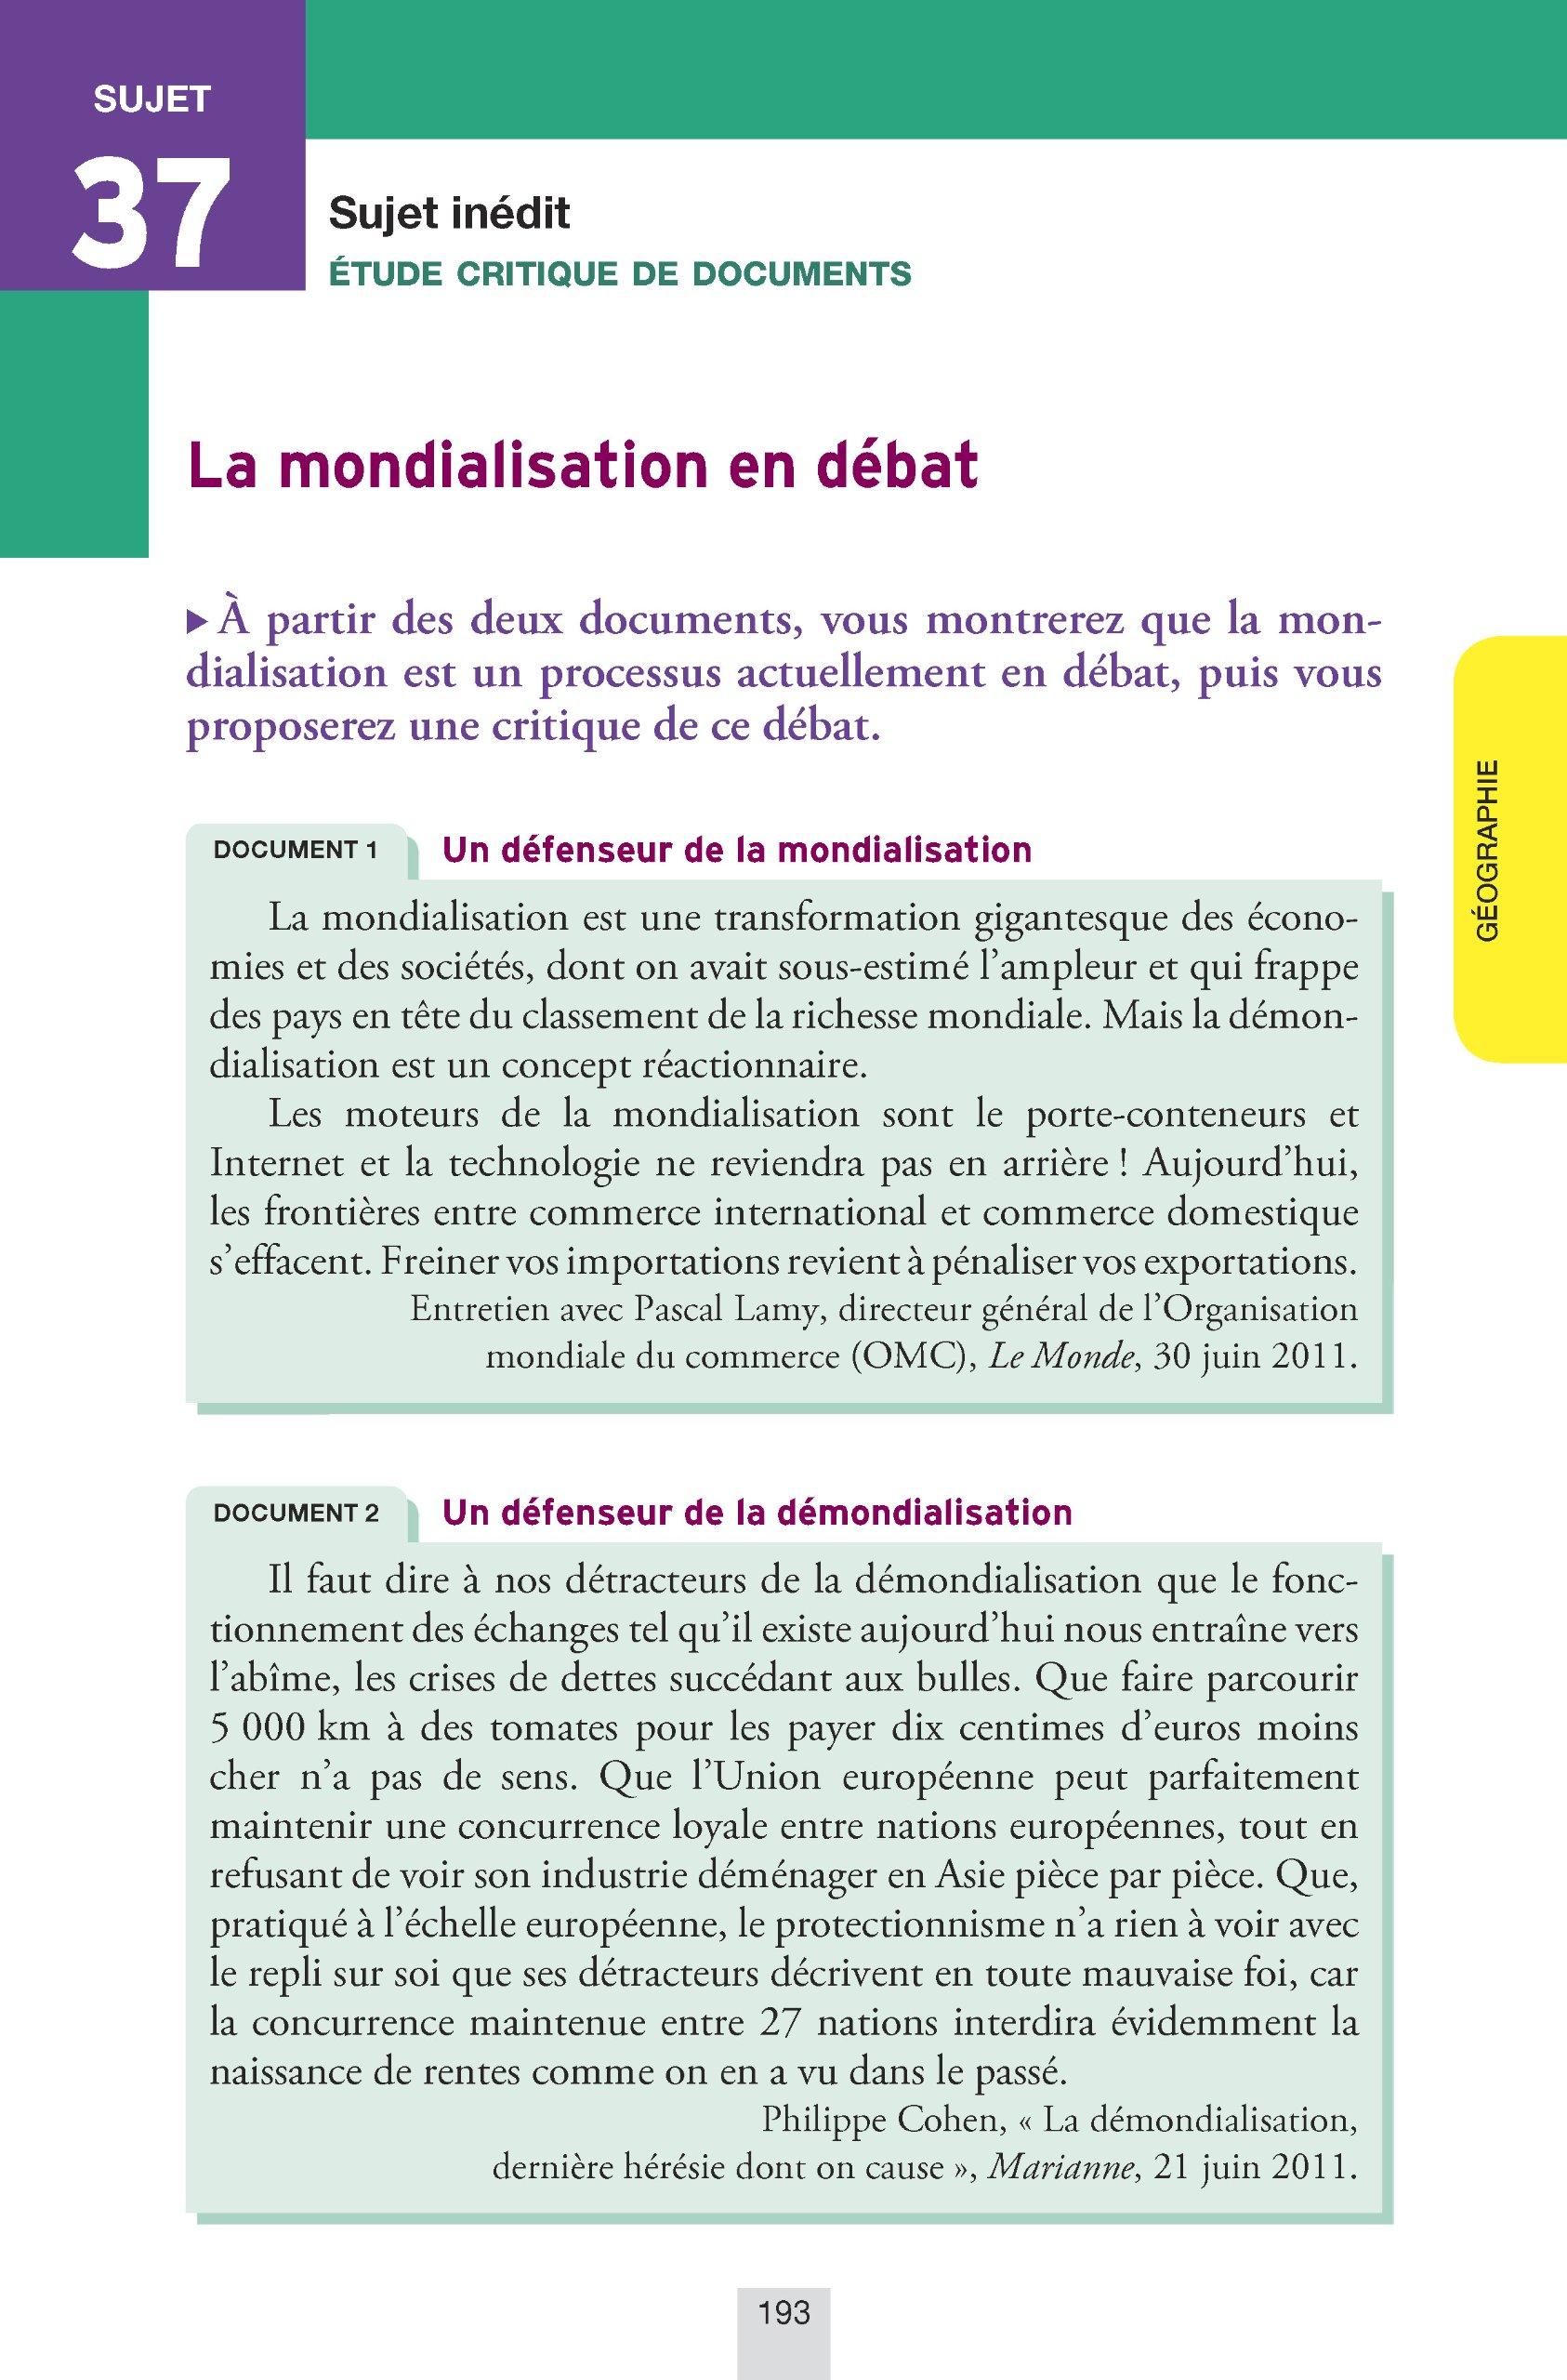 Annales Annabac 2013 Histoire-Géographie Tle L, ES: Sujets et corrigés du bac (Histoire et Géographie) - Terminale L, ES: 9782218957987: Amazon.com: ...